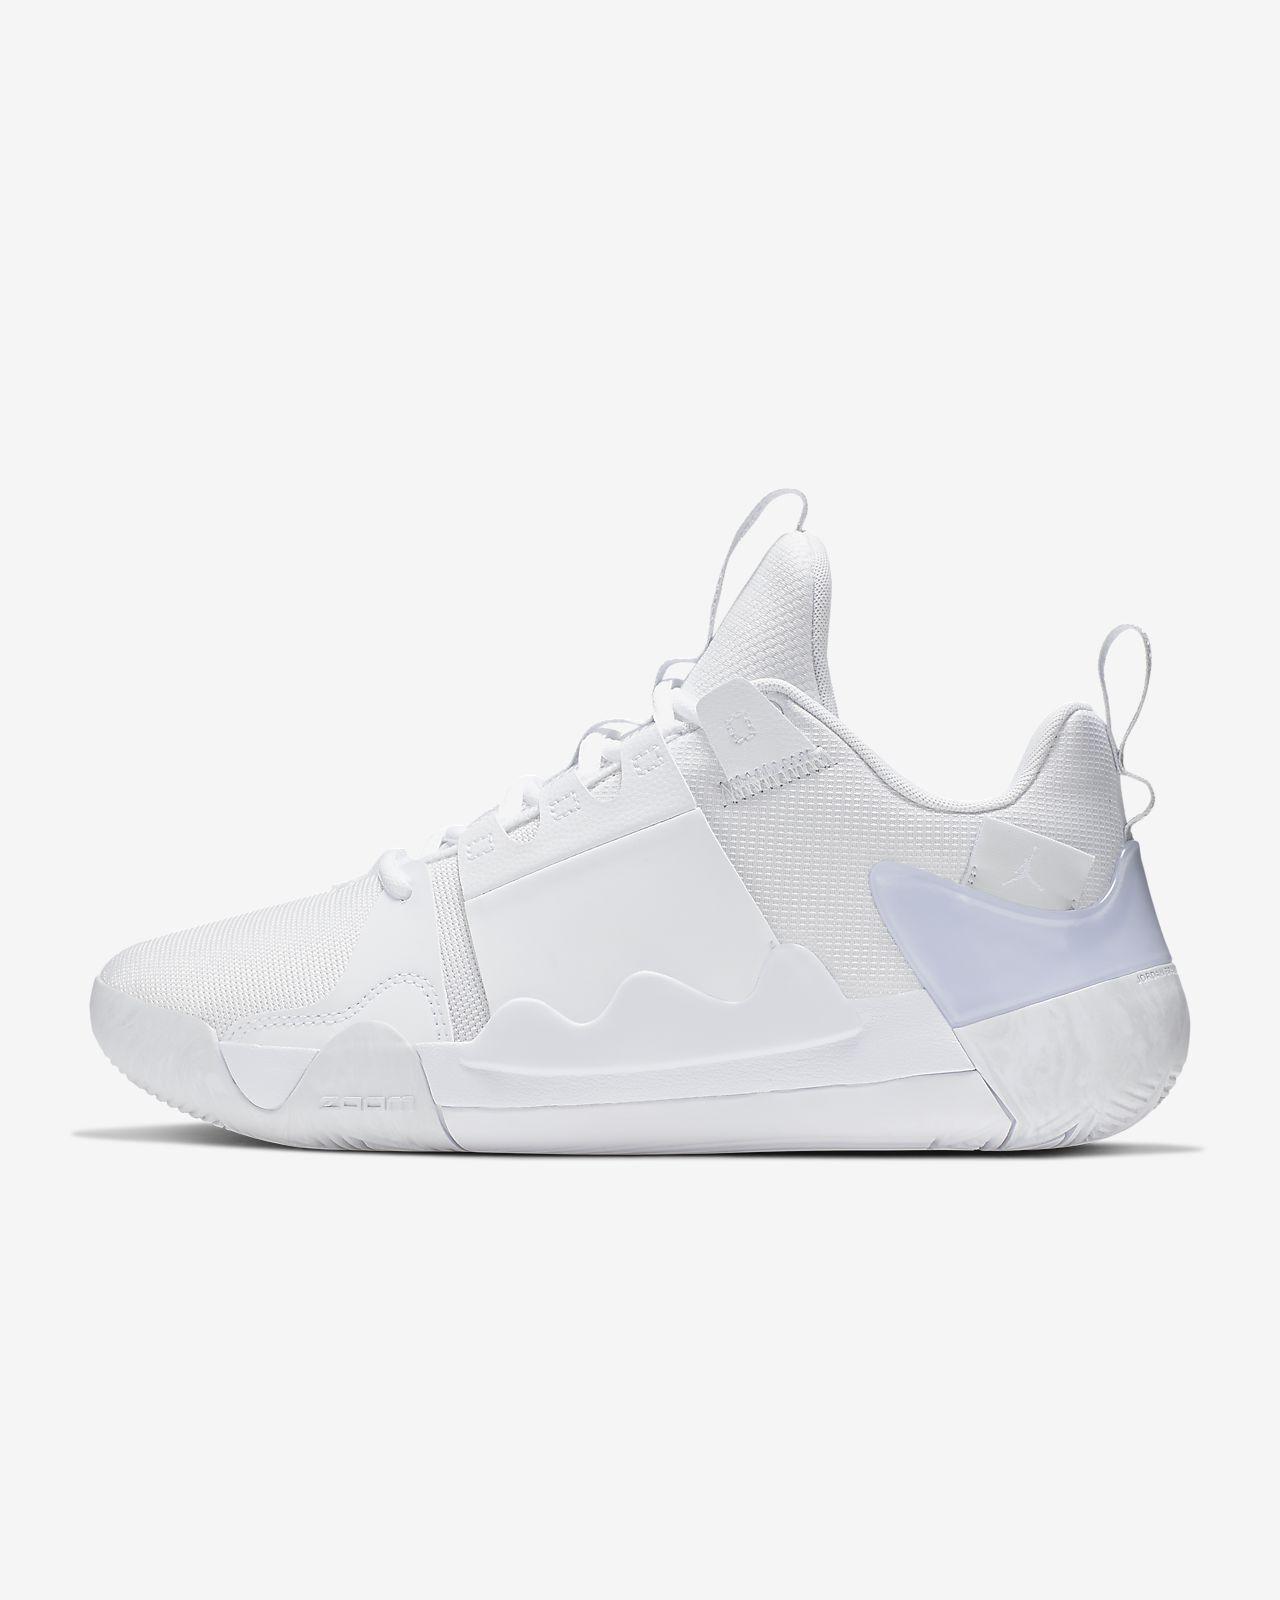 Баскетбольные кроссовки Jordan Zoom Zero Gravity